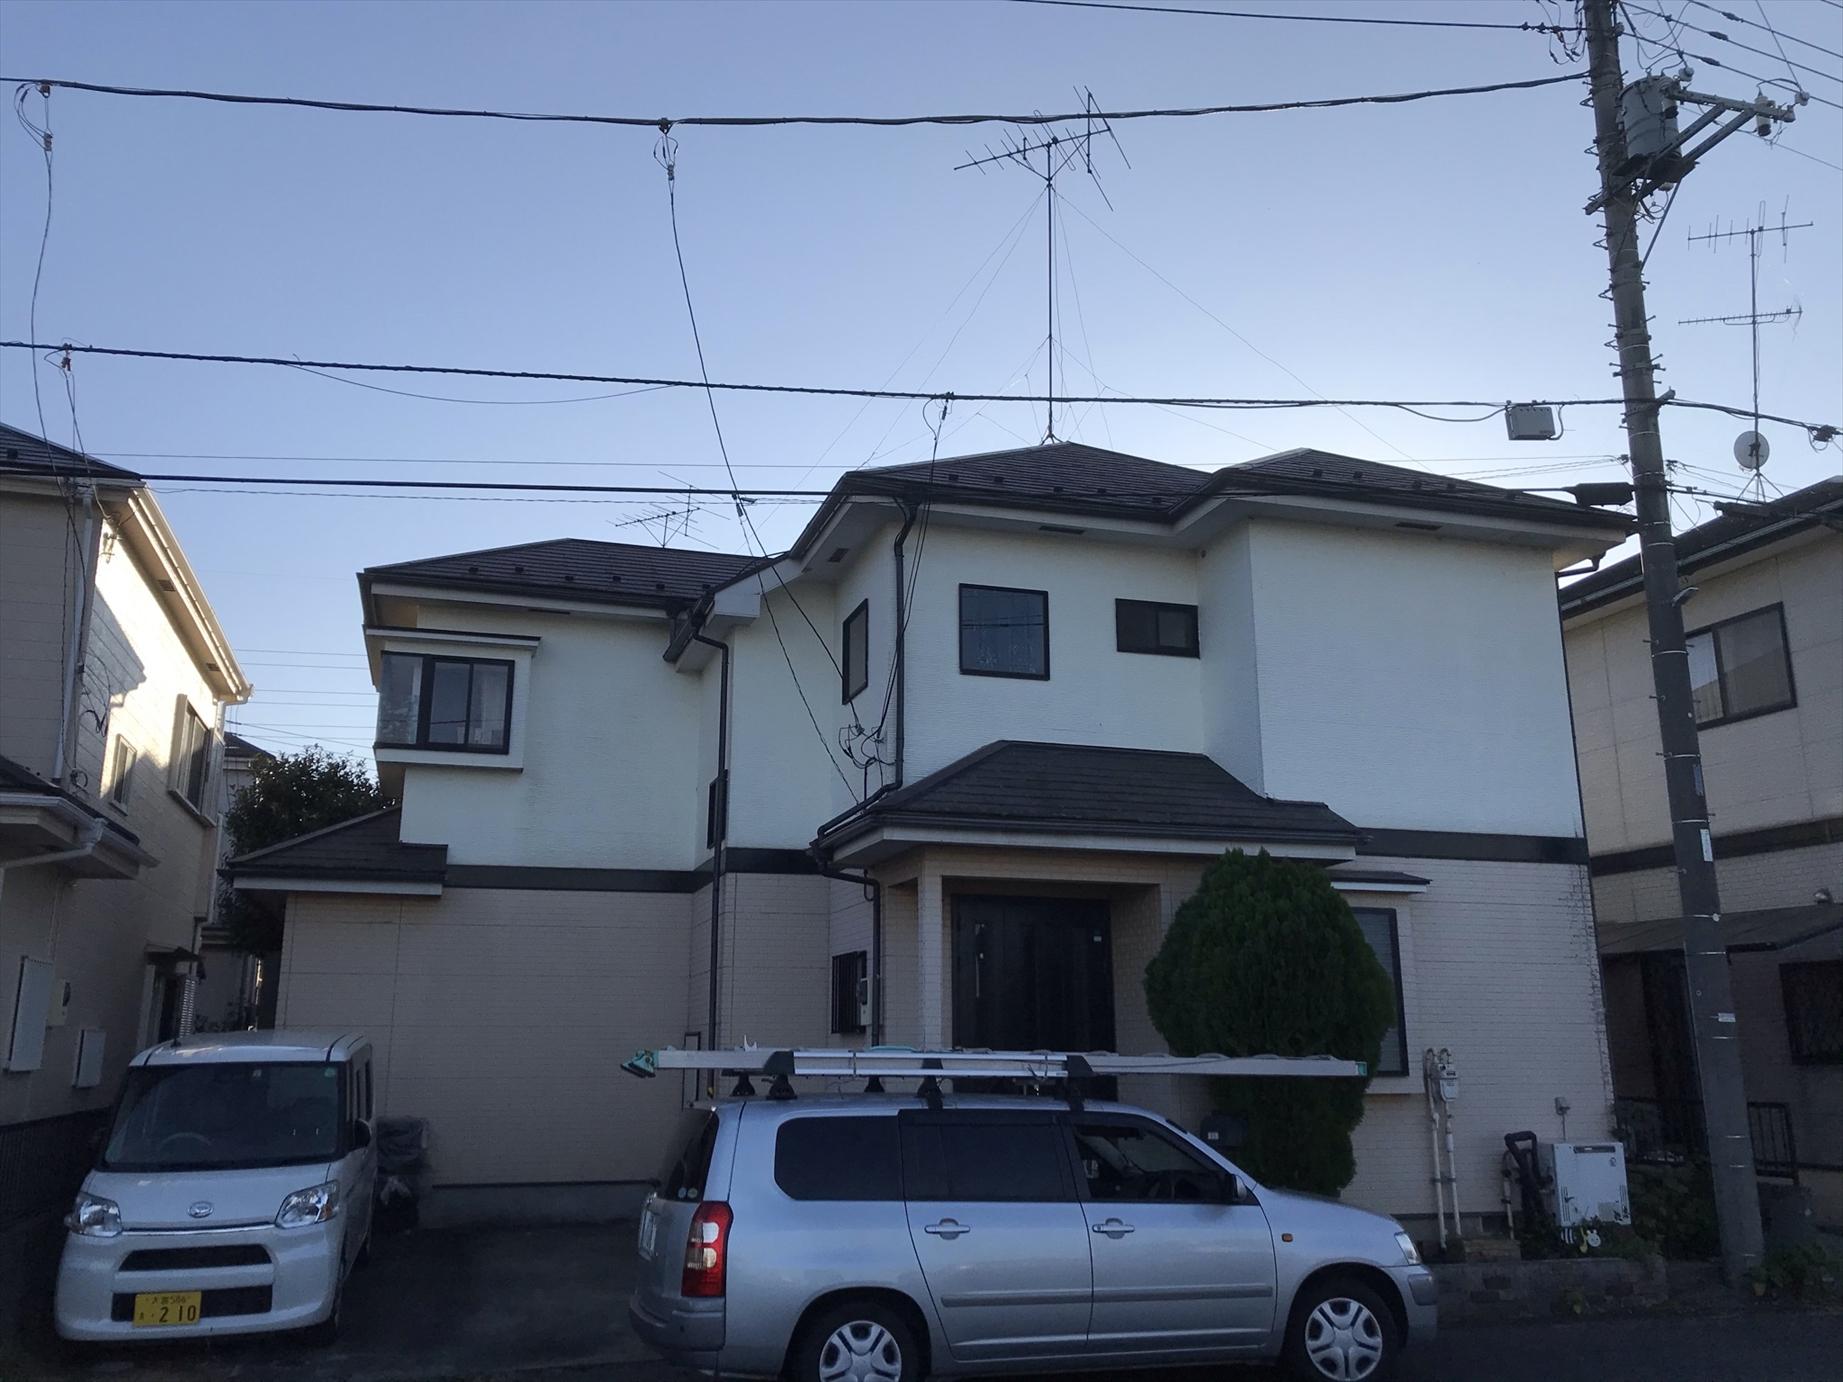 伊奈町賃貸一軒家屋根塗装・外壁補修塗装工事前全景